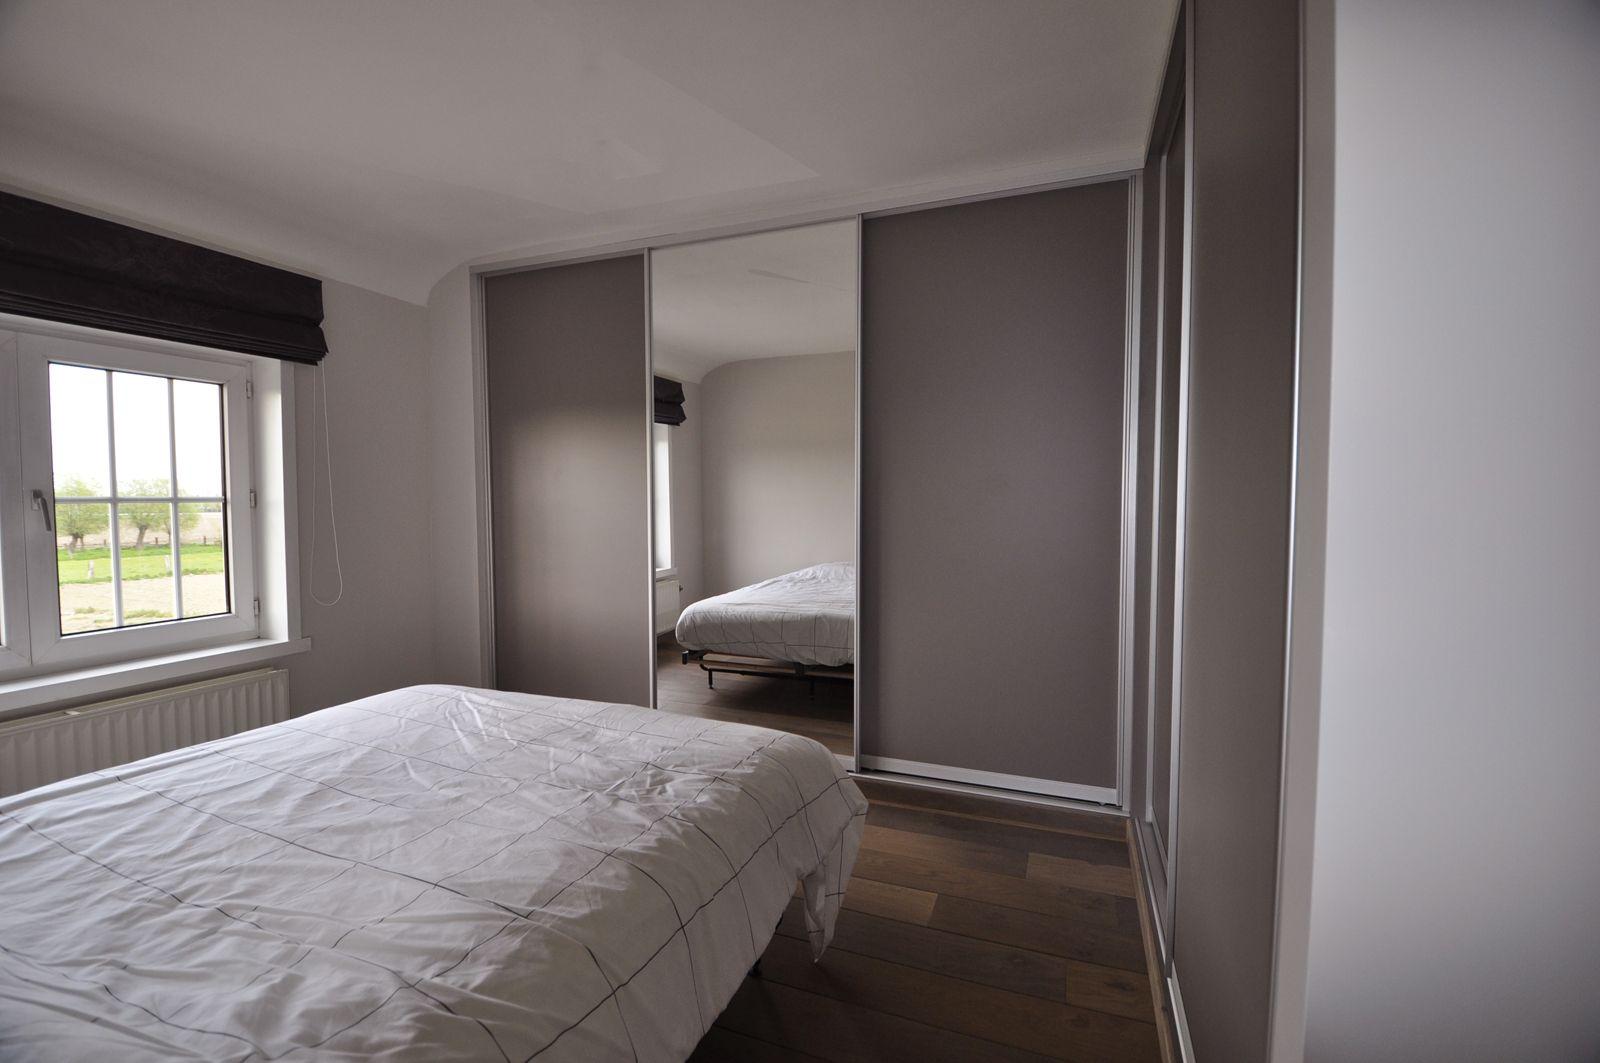 slaapkamerkast met schuifdeuren | maatkasten met schuifdeuren, Deco ideeën